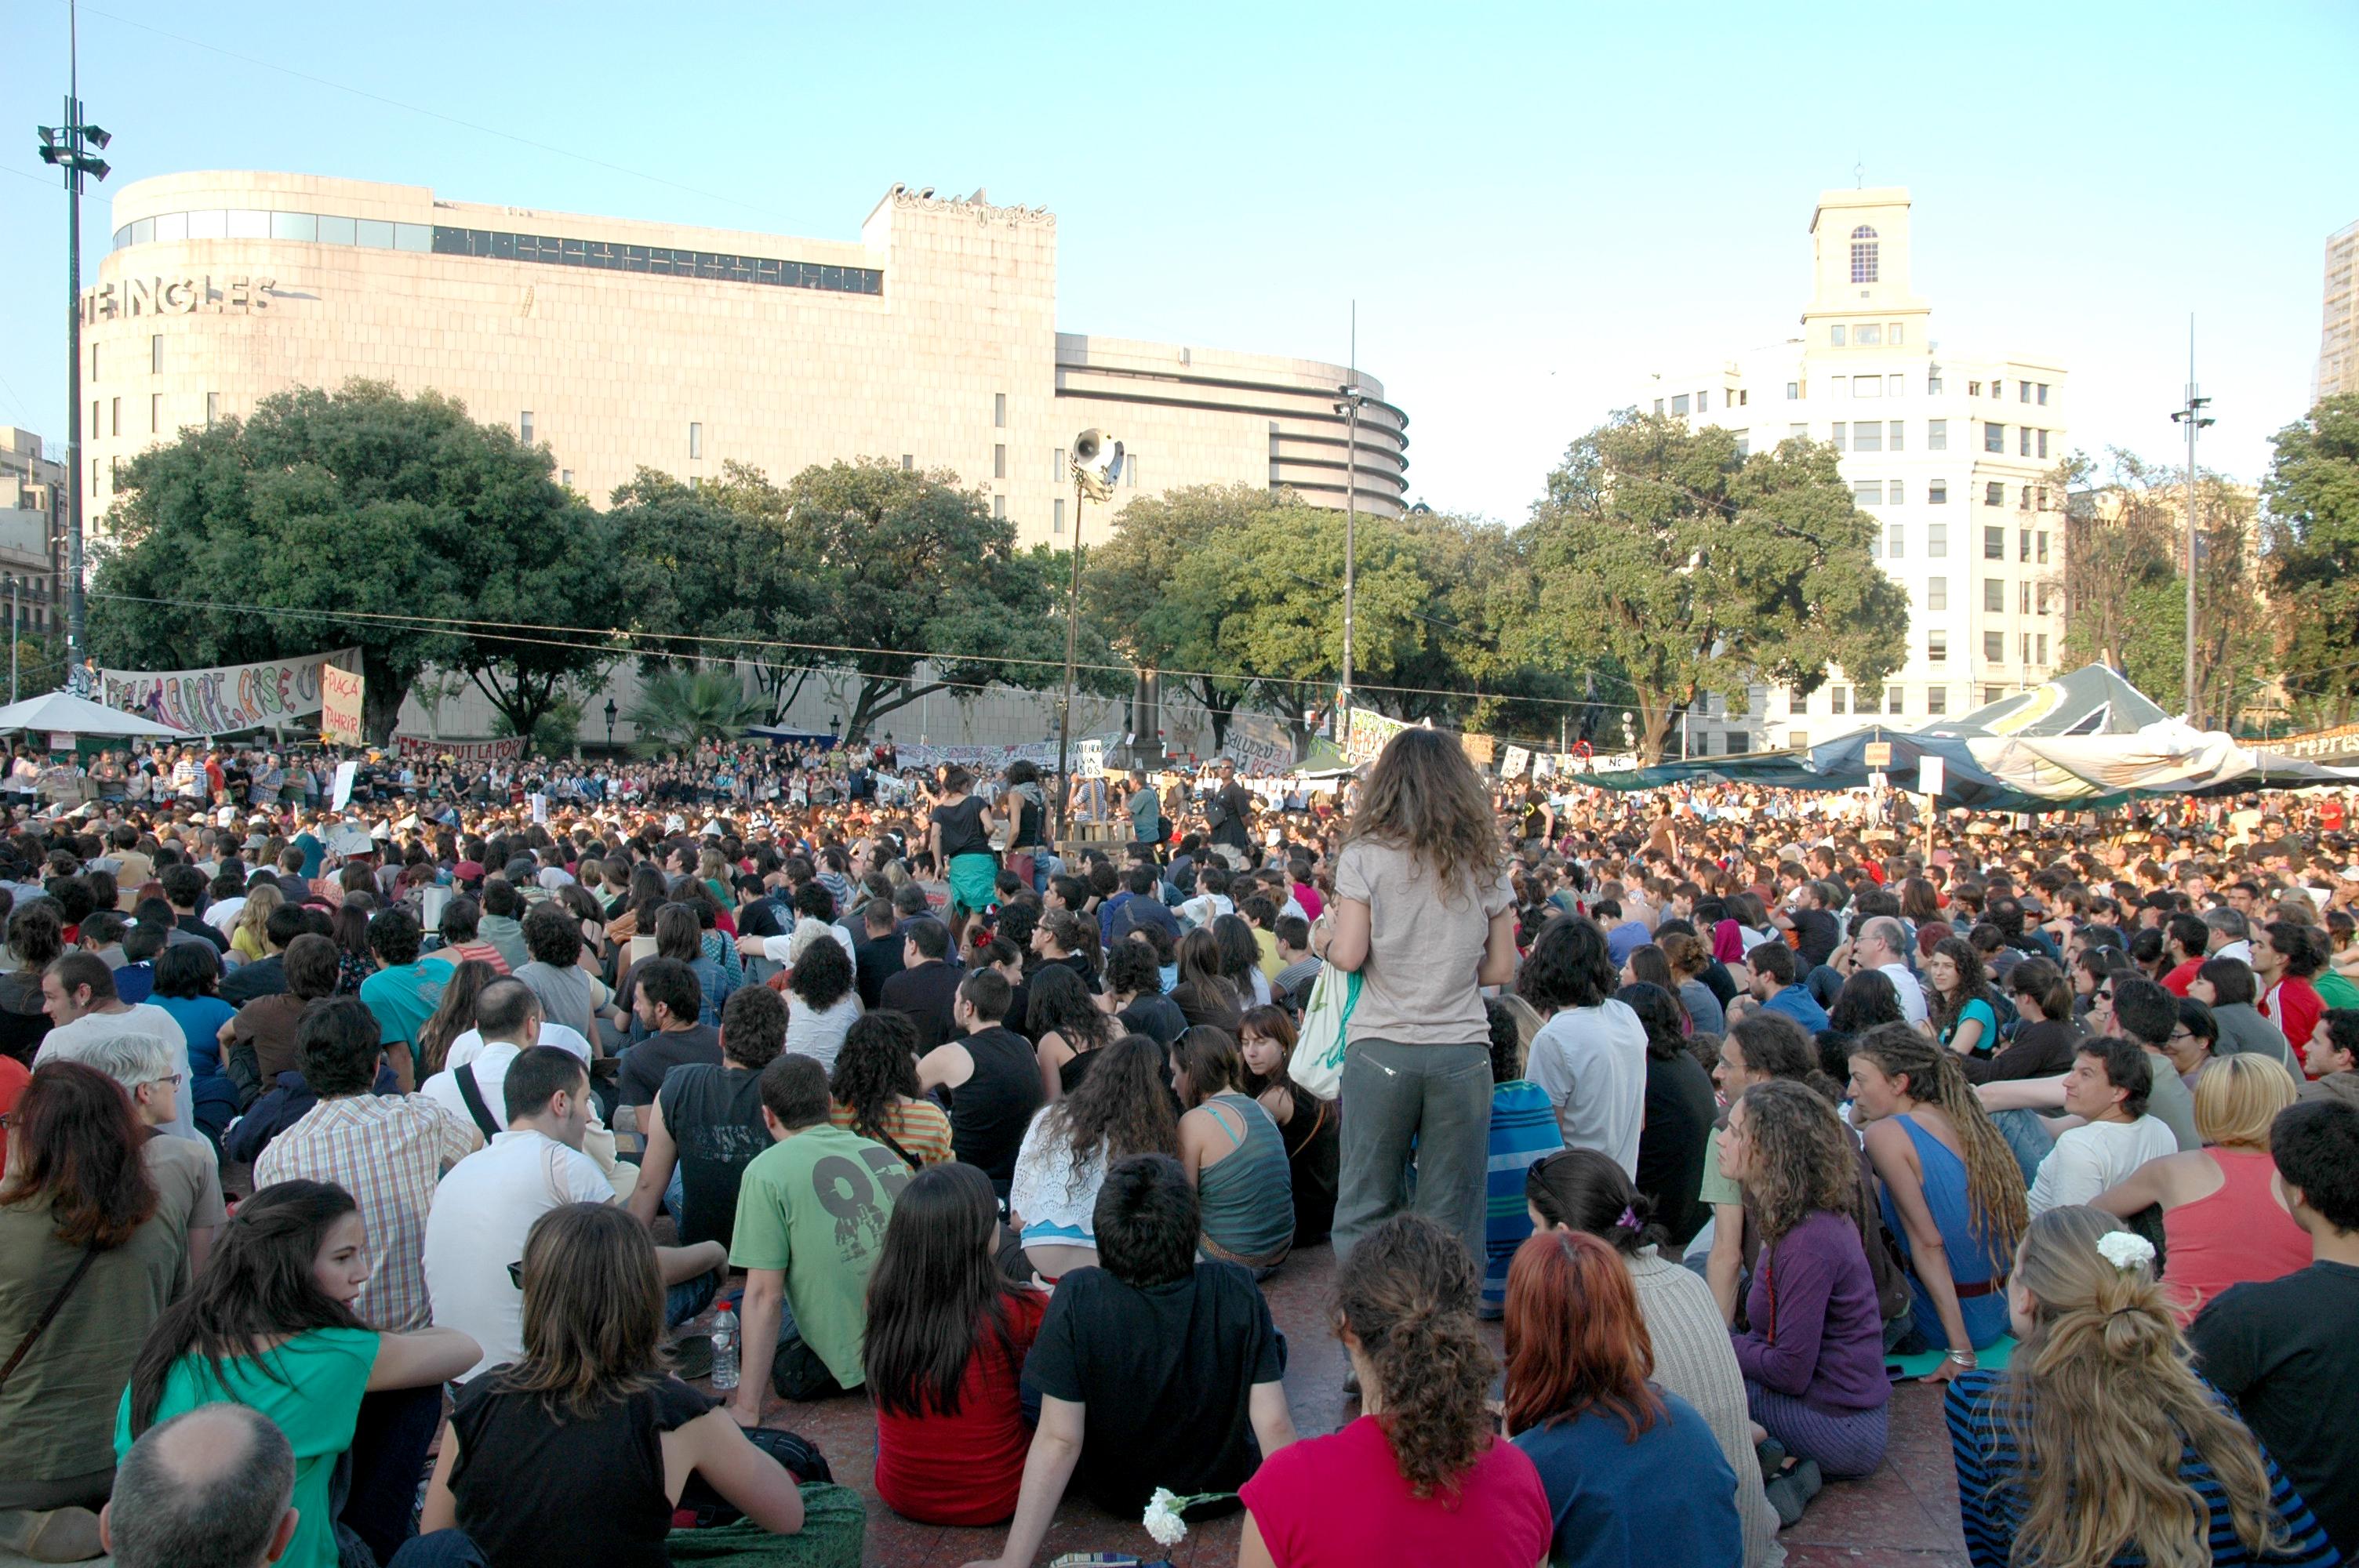 #acampadabcn (21.05.11)